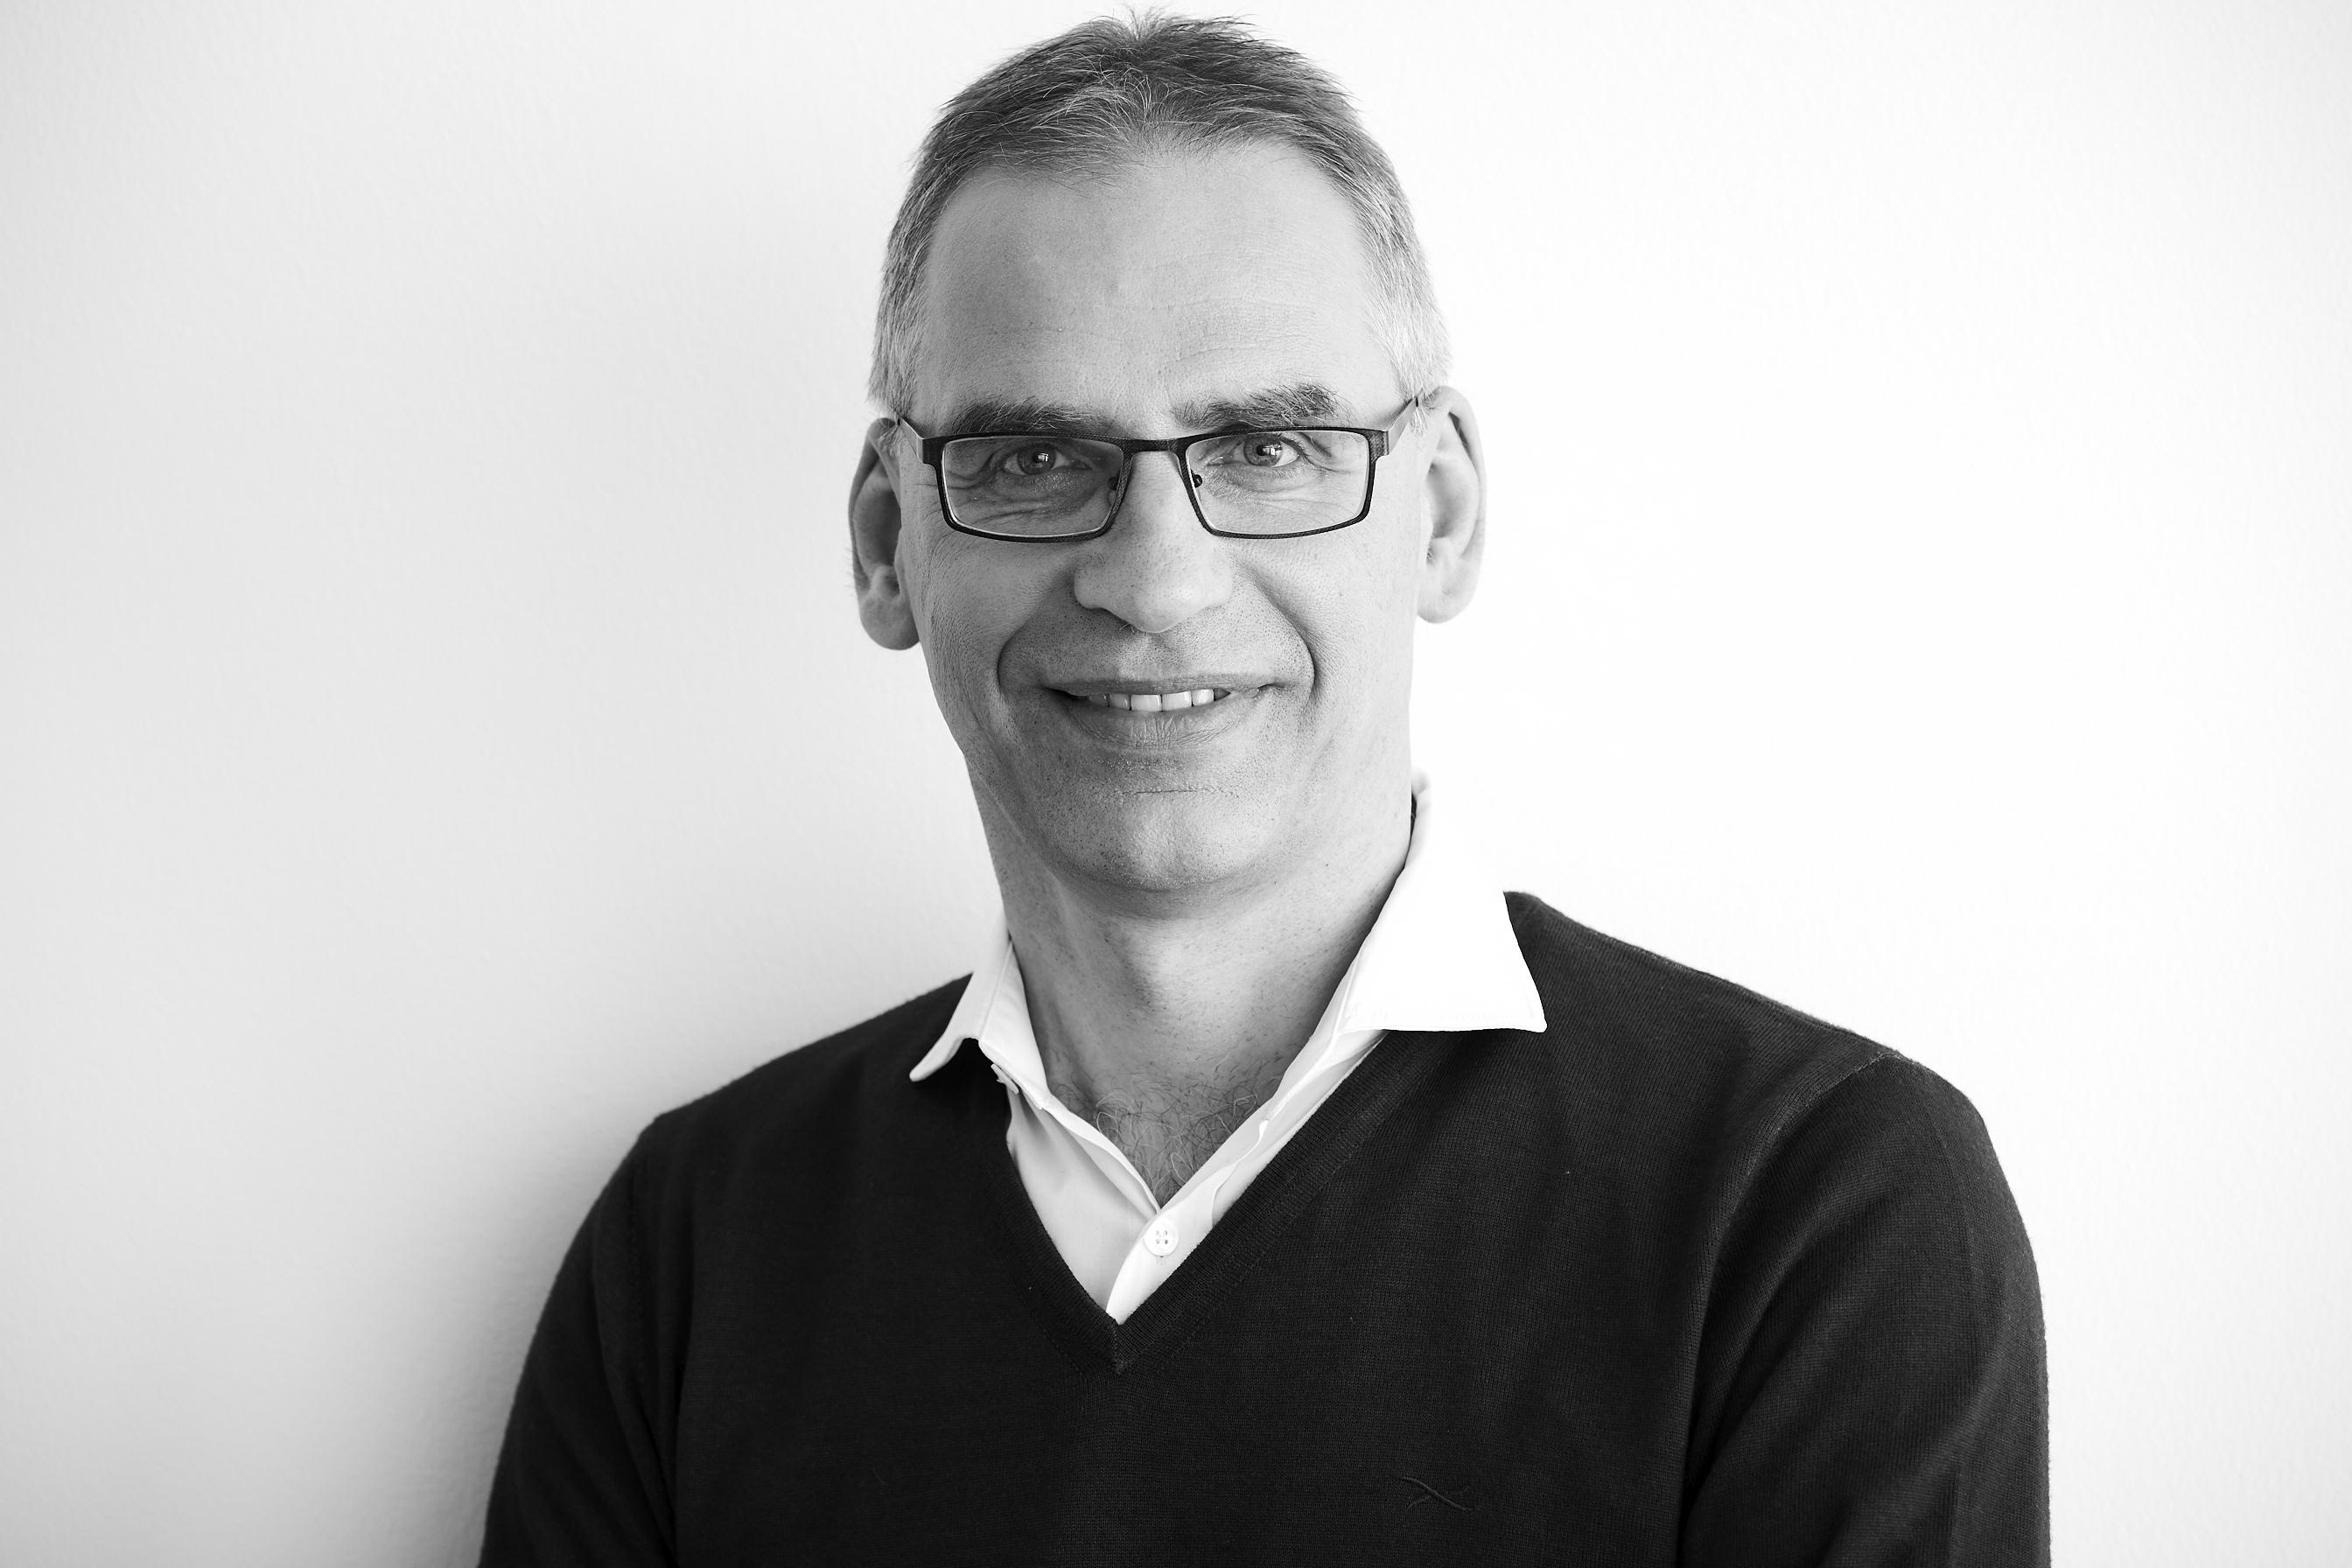 30 Minuten mit: Uwe Hetberg von Brax Leineweber in Herford